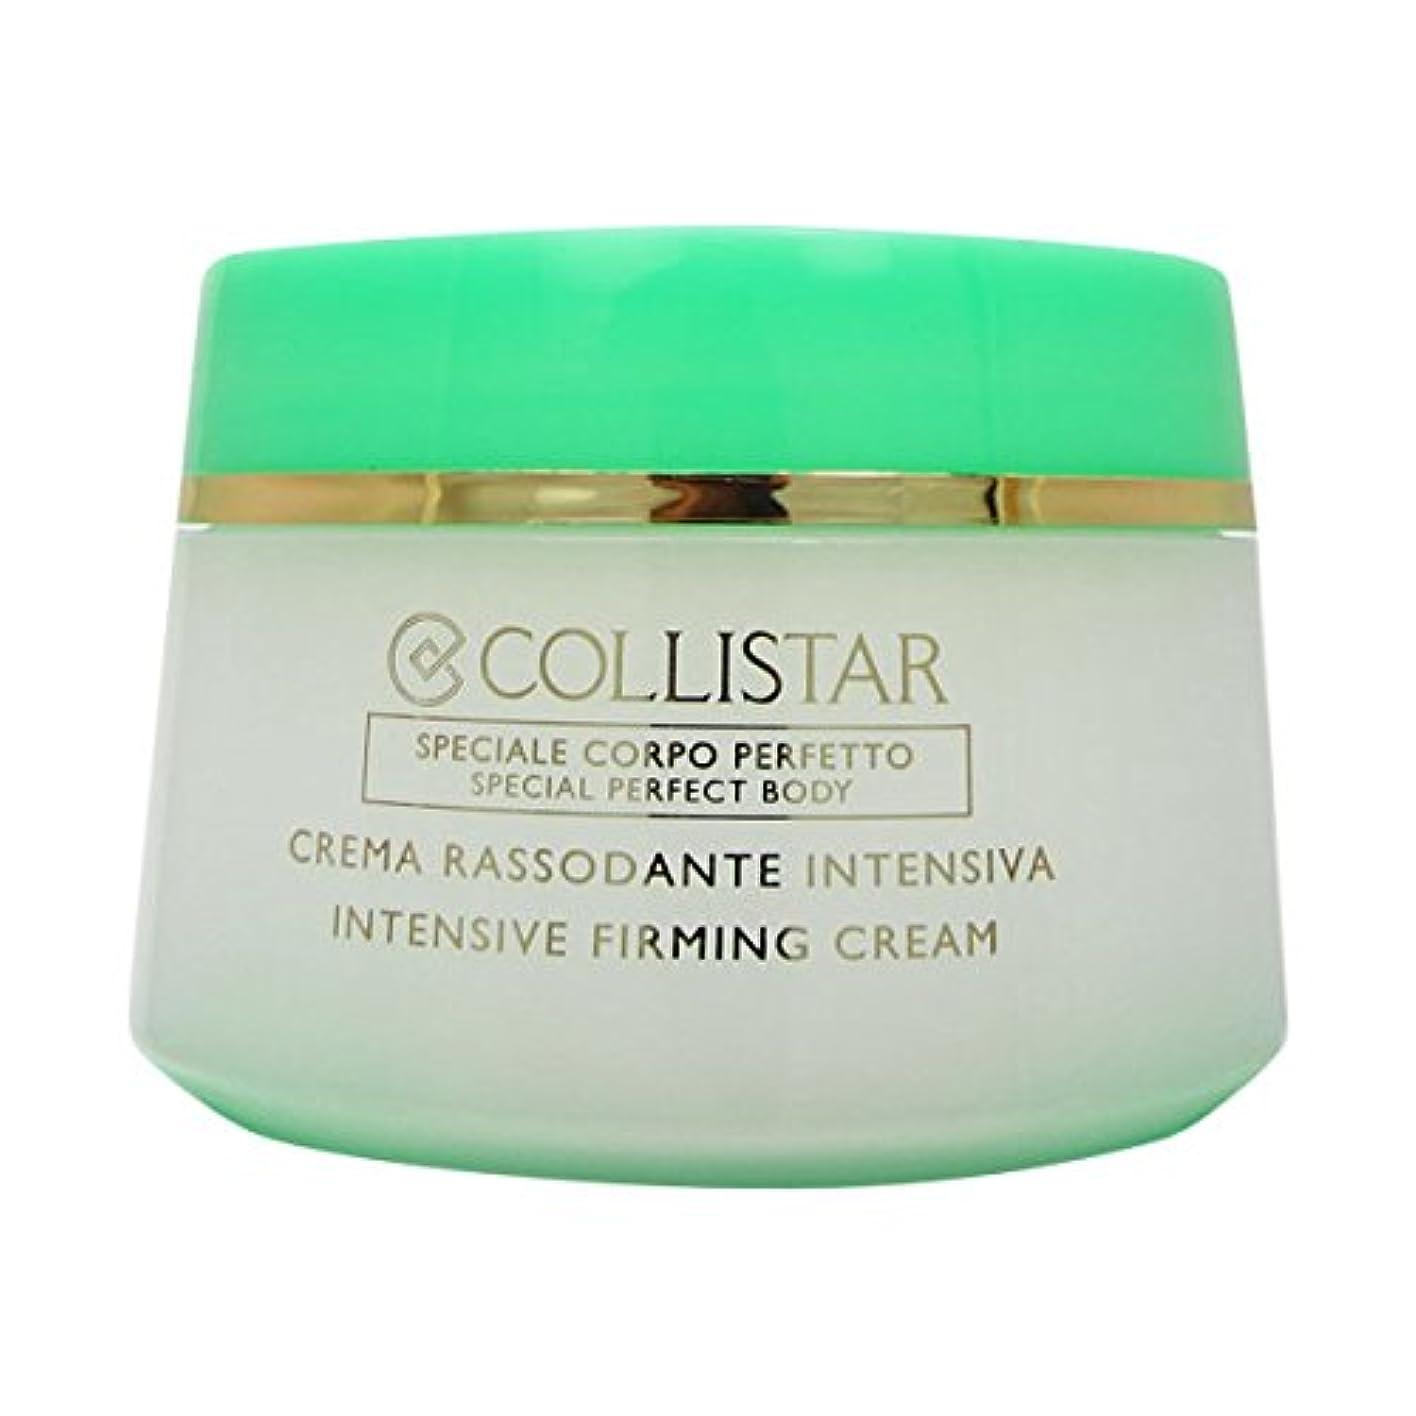 レイプ用語集クリアCollistar Intensive Firming Cream 400ml [並行輸入品]